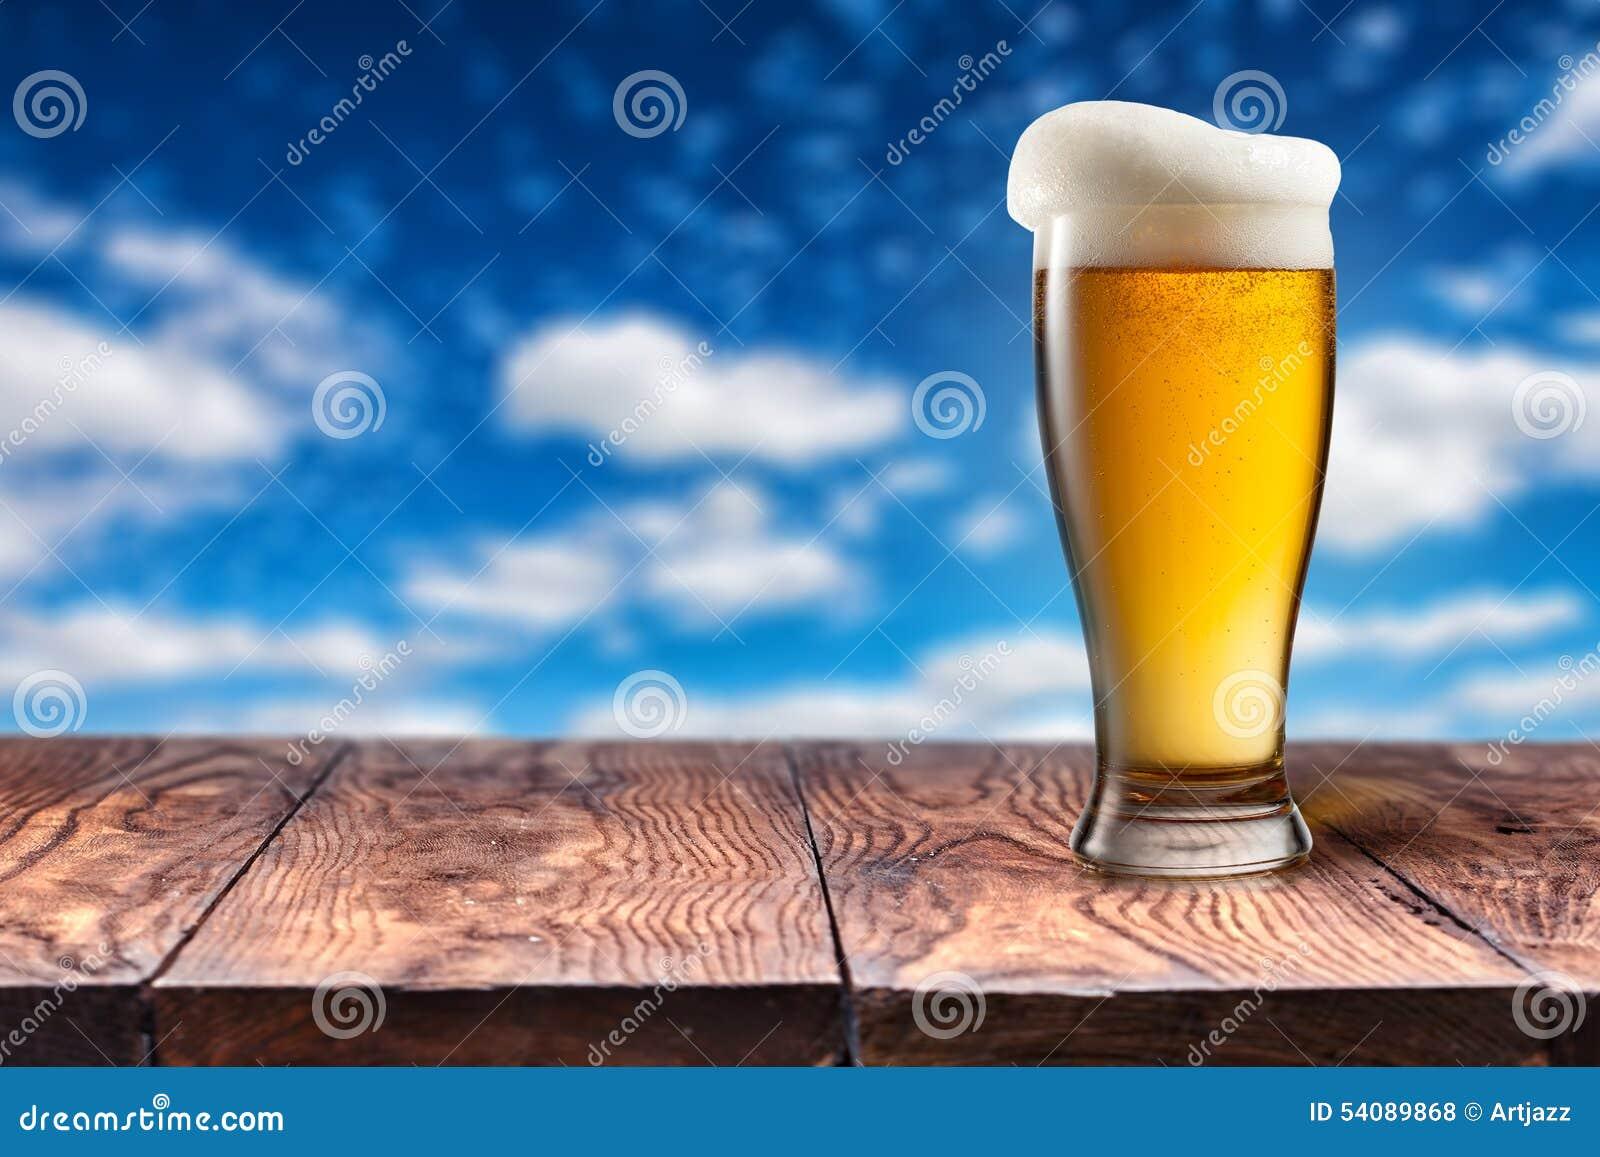 Bier in glas op houten lijst tegen blauwe hemel